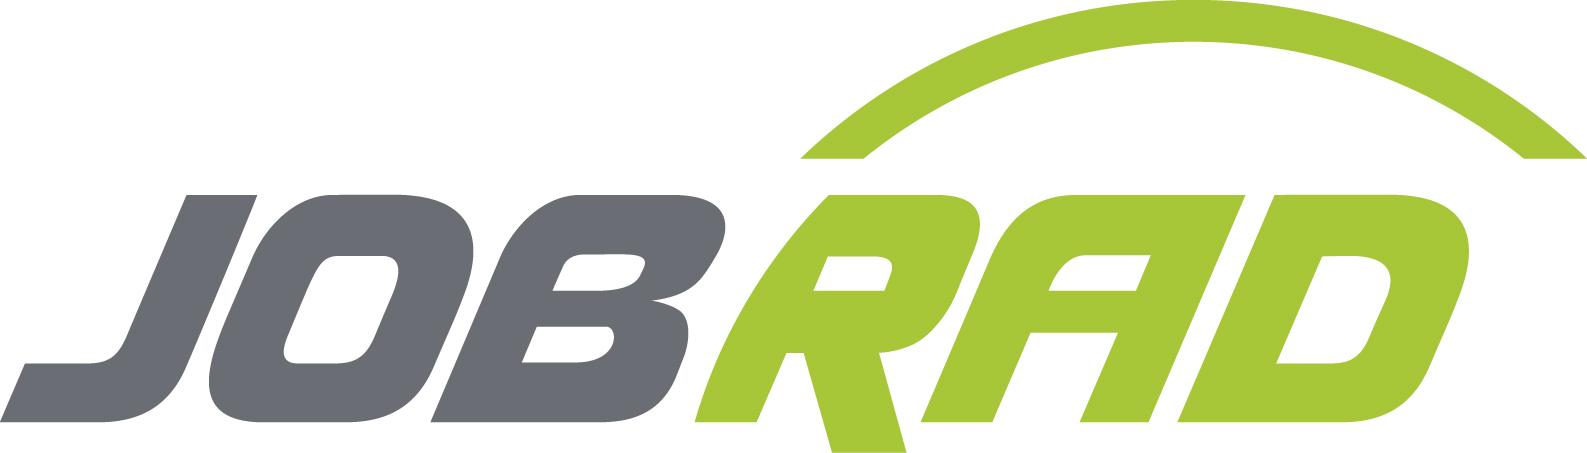 Jobrad_Fahrradleasing_Saarland_Logo